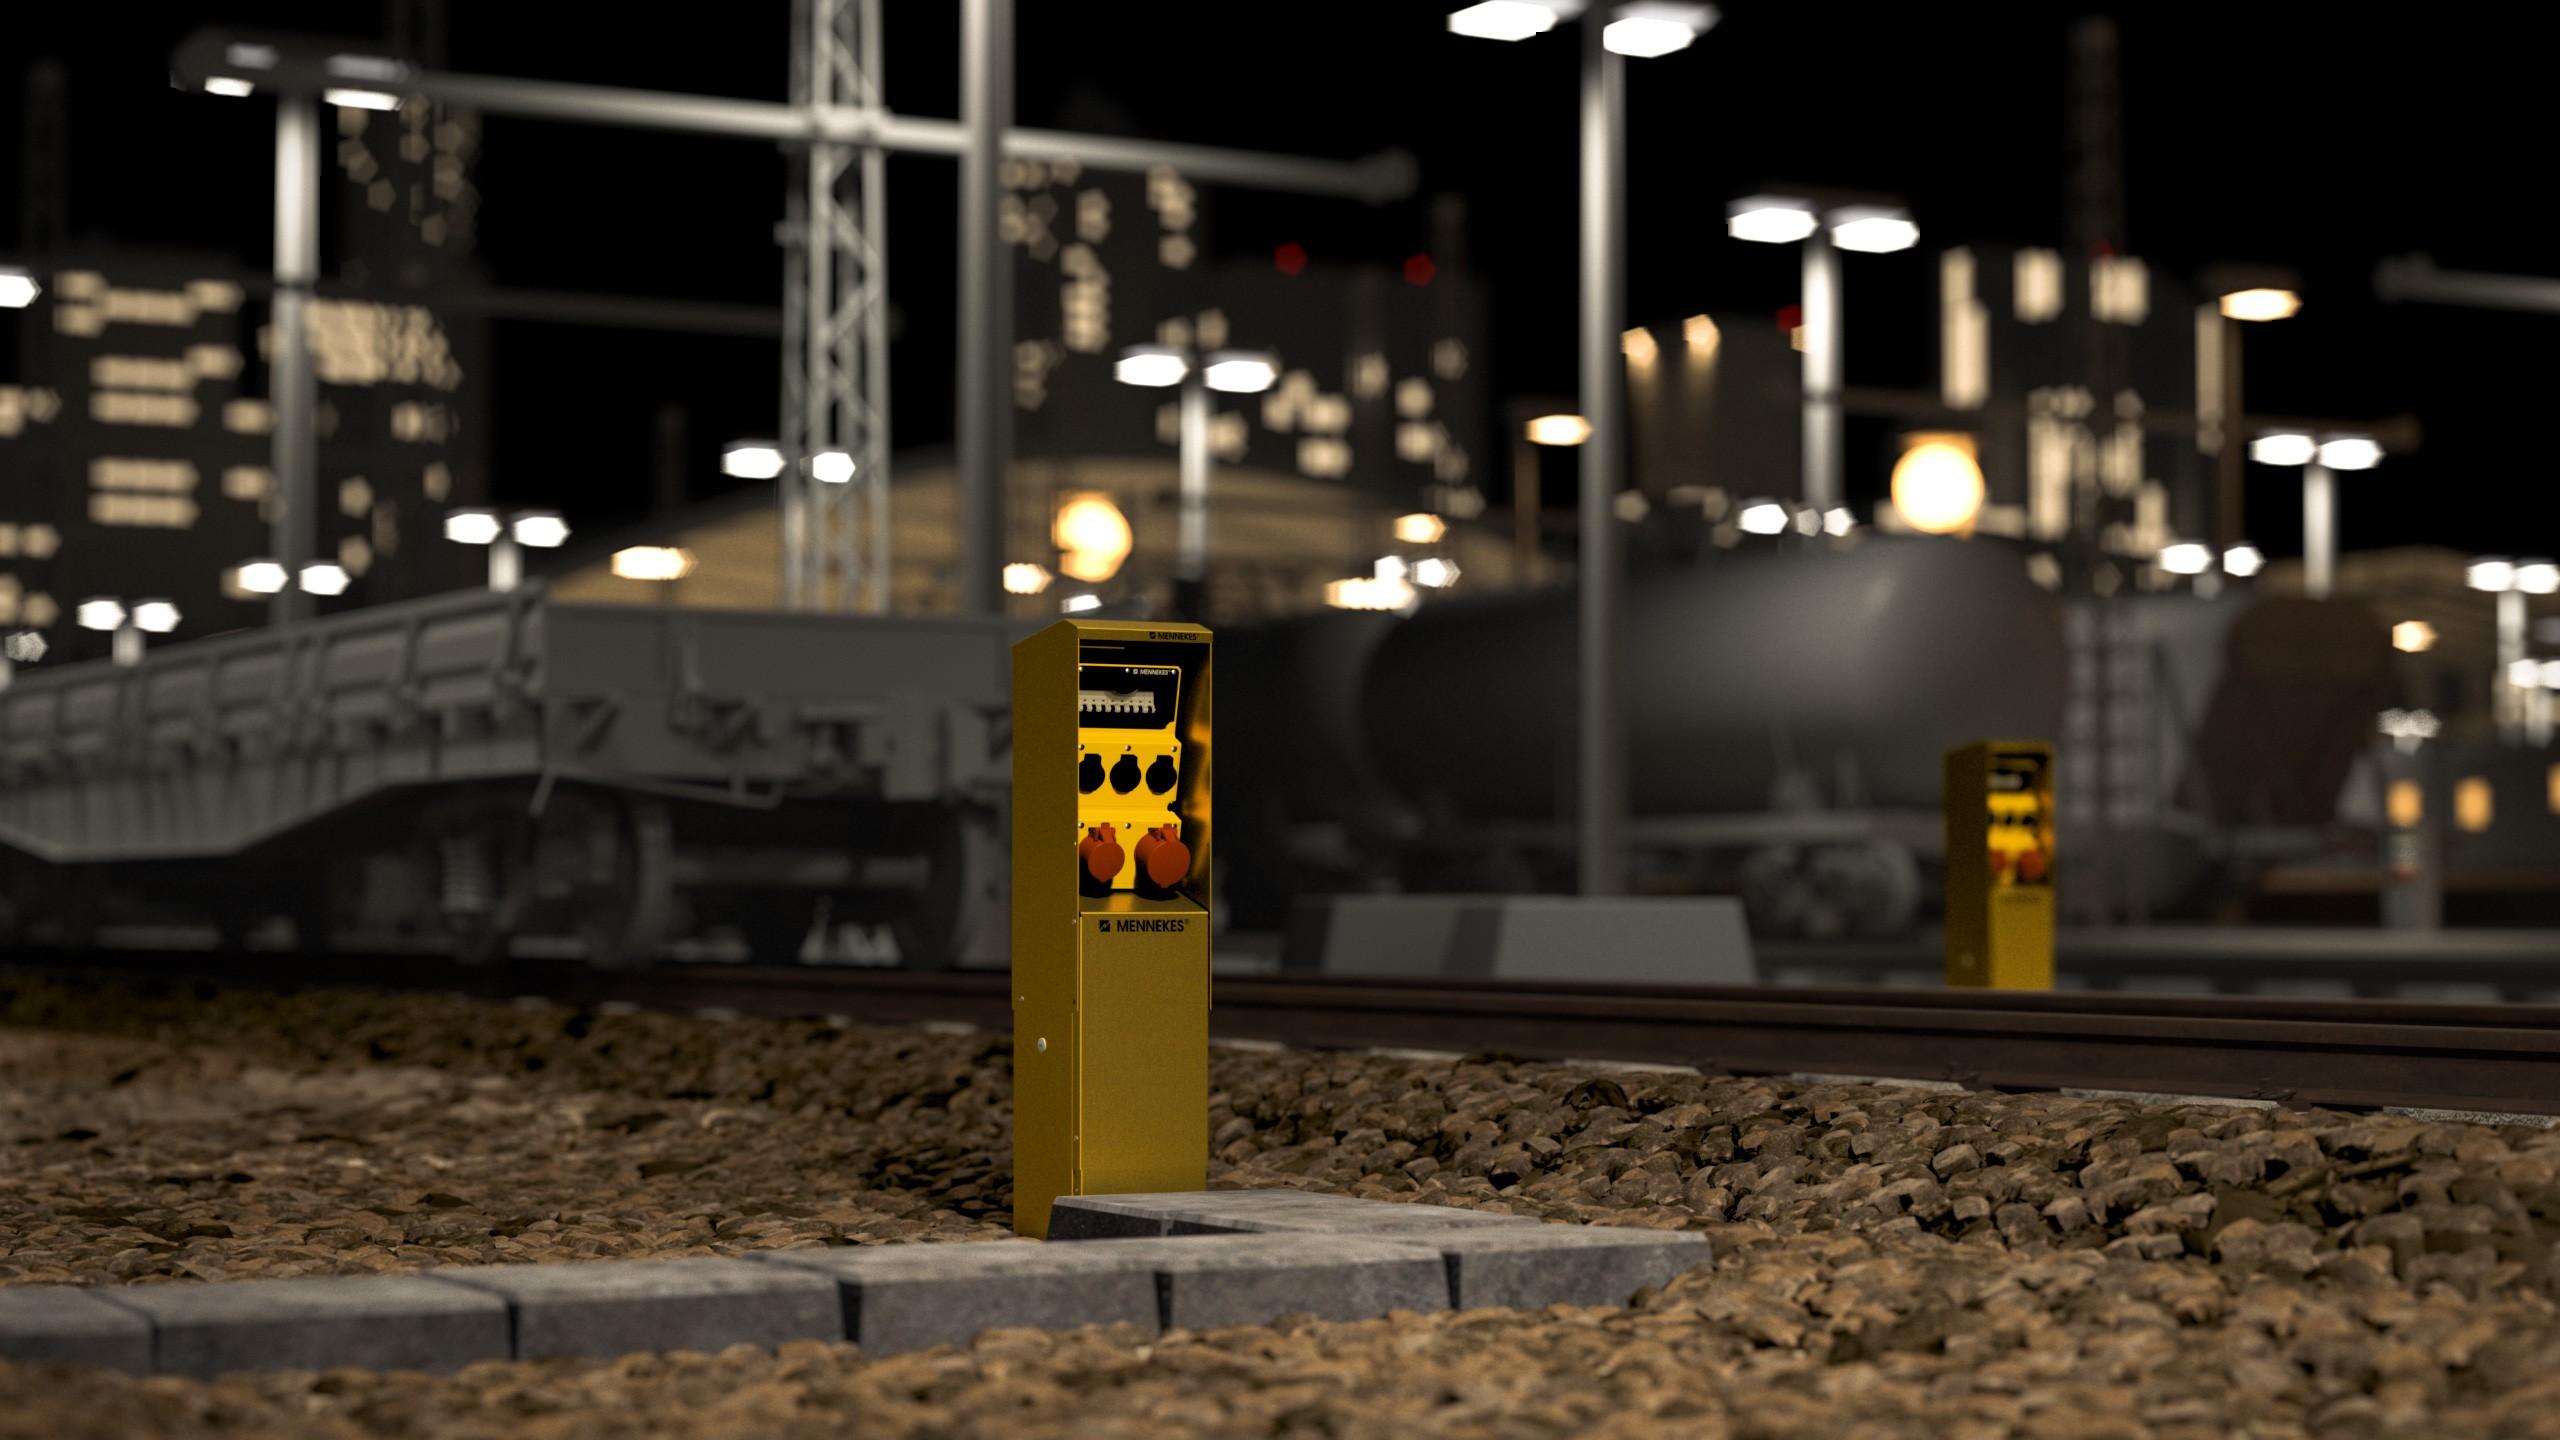 Mennekes Produkt Bahnhof Vorfeld